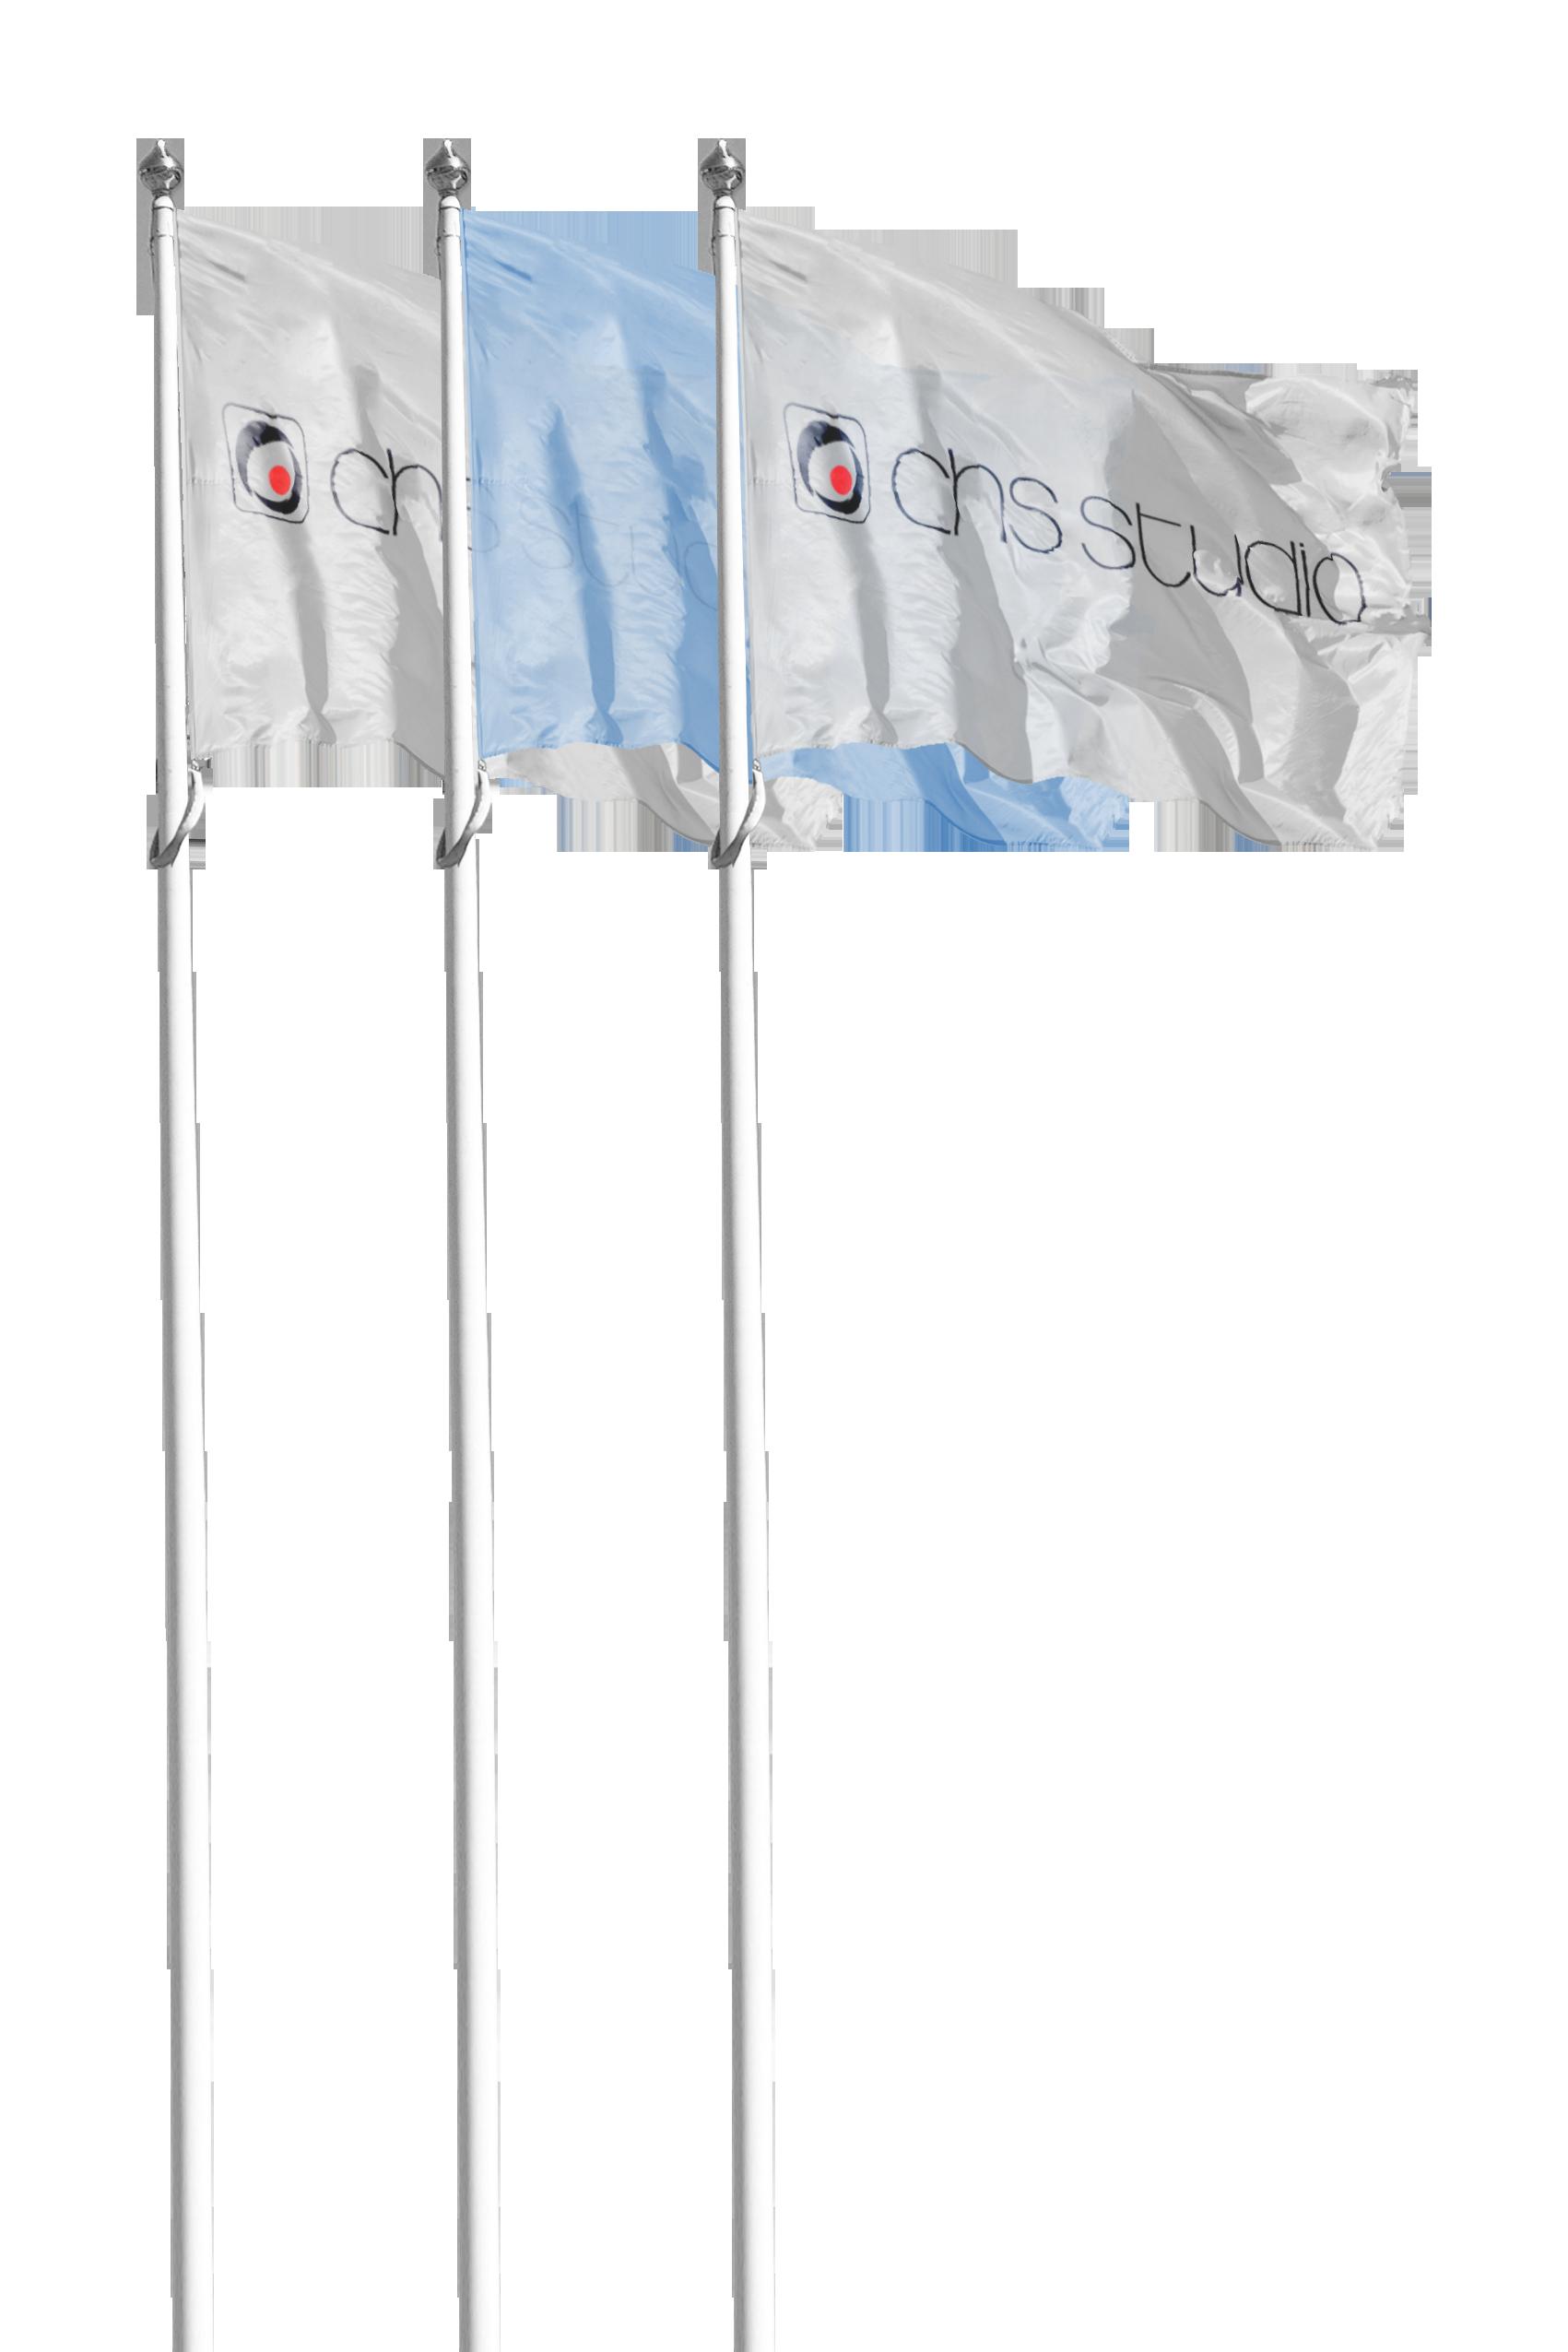 3 maszty z flagami CHS Studio